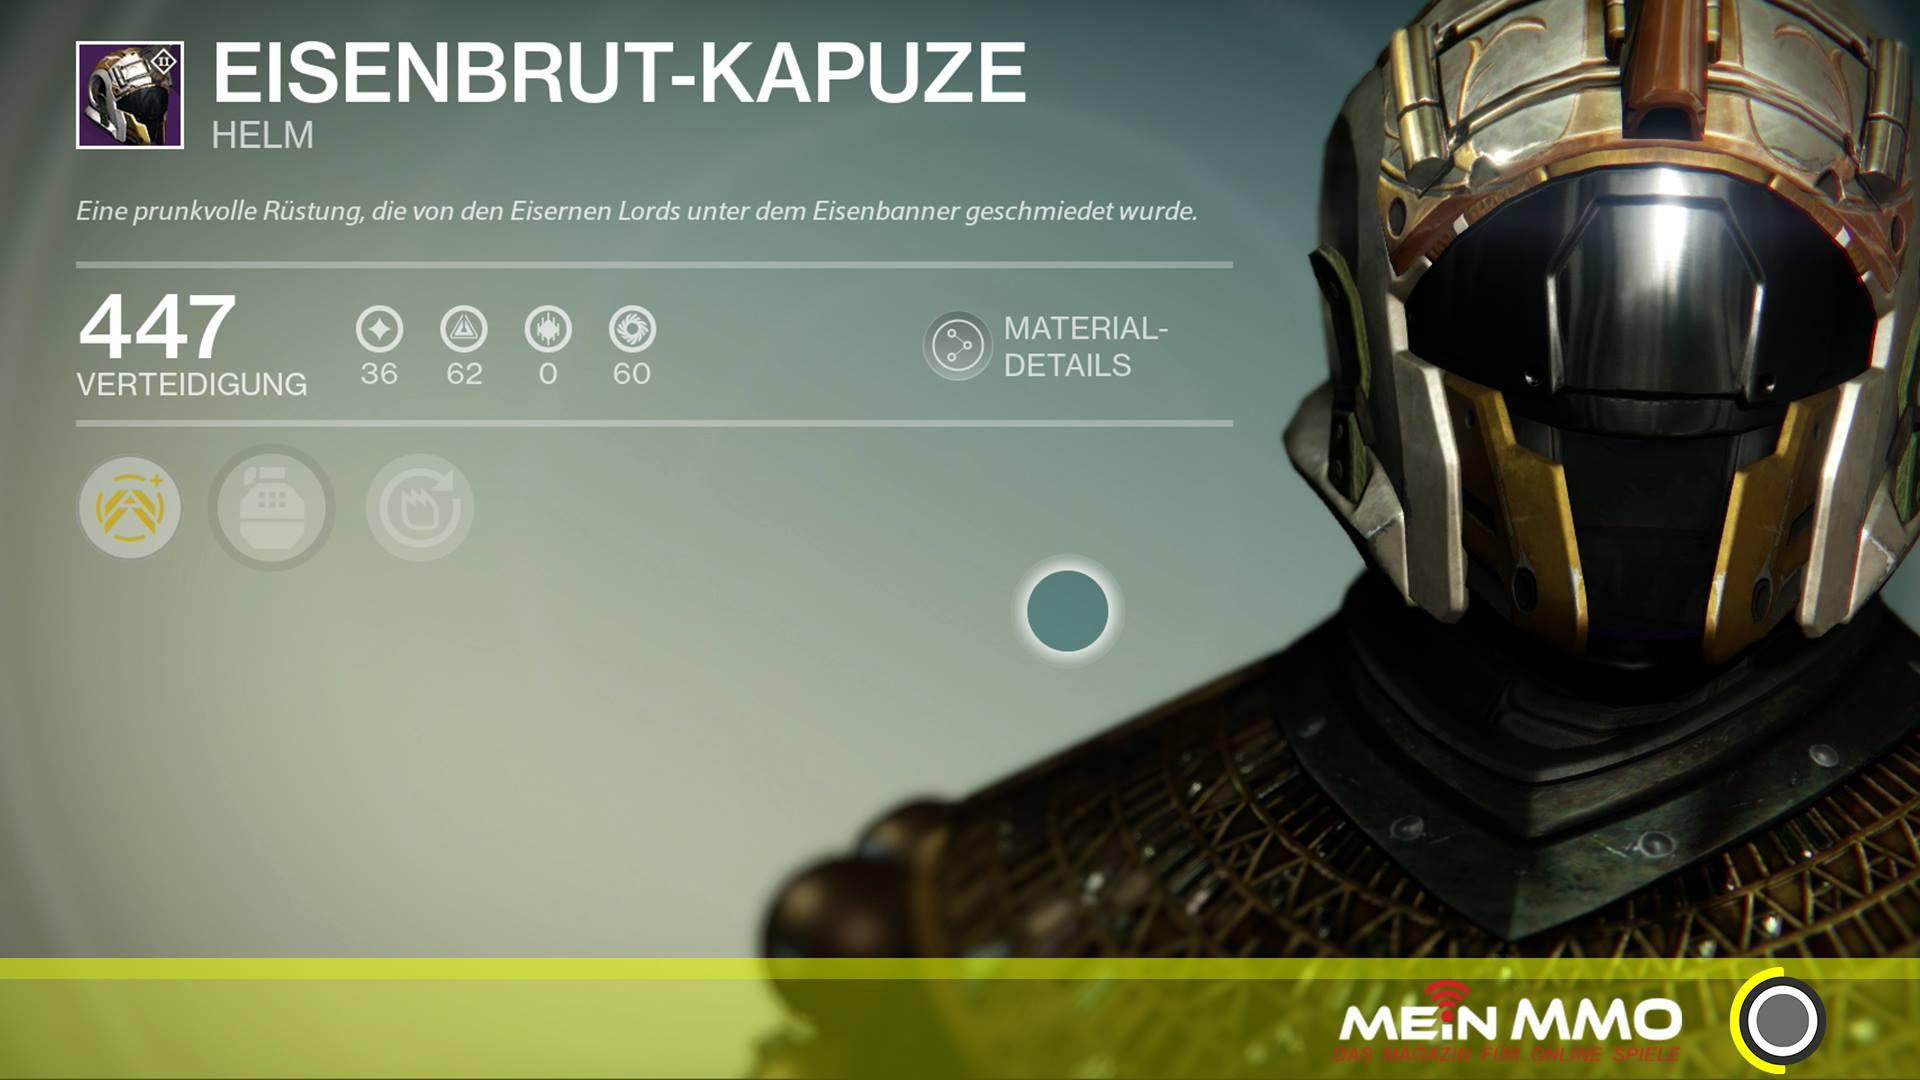 Destiny-Eisenbrut-Kapuze